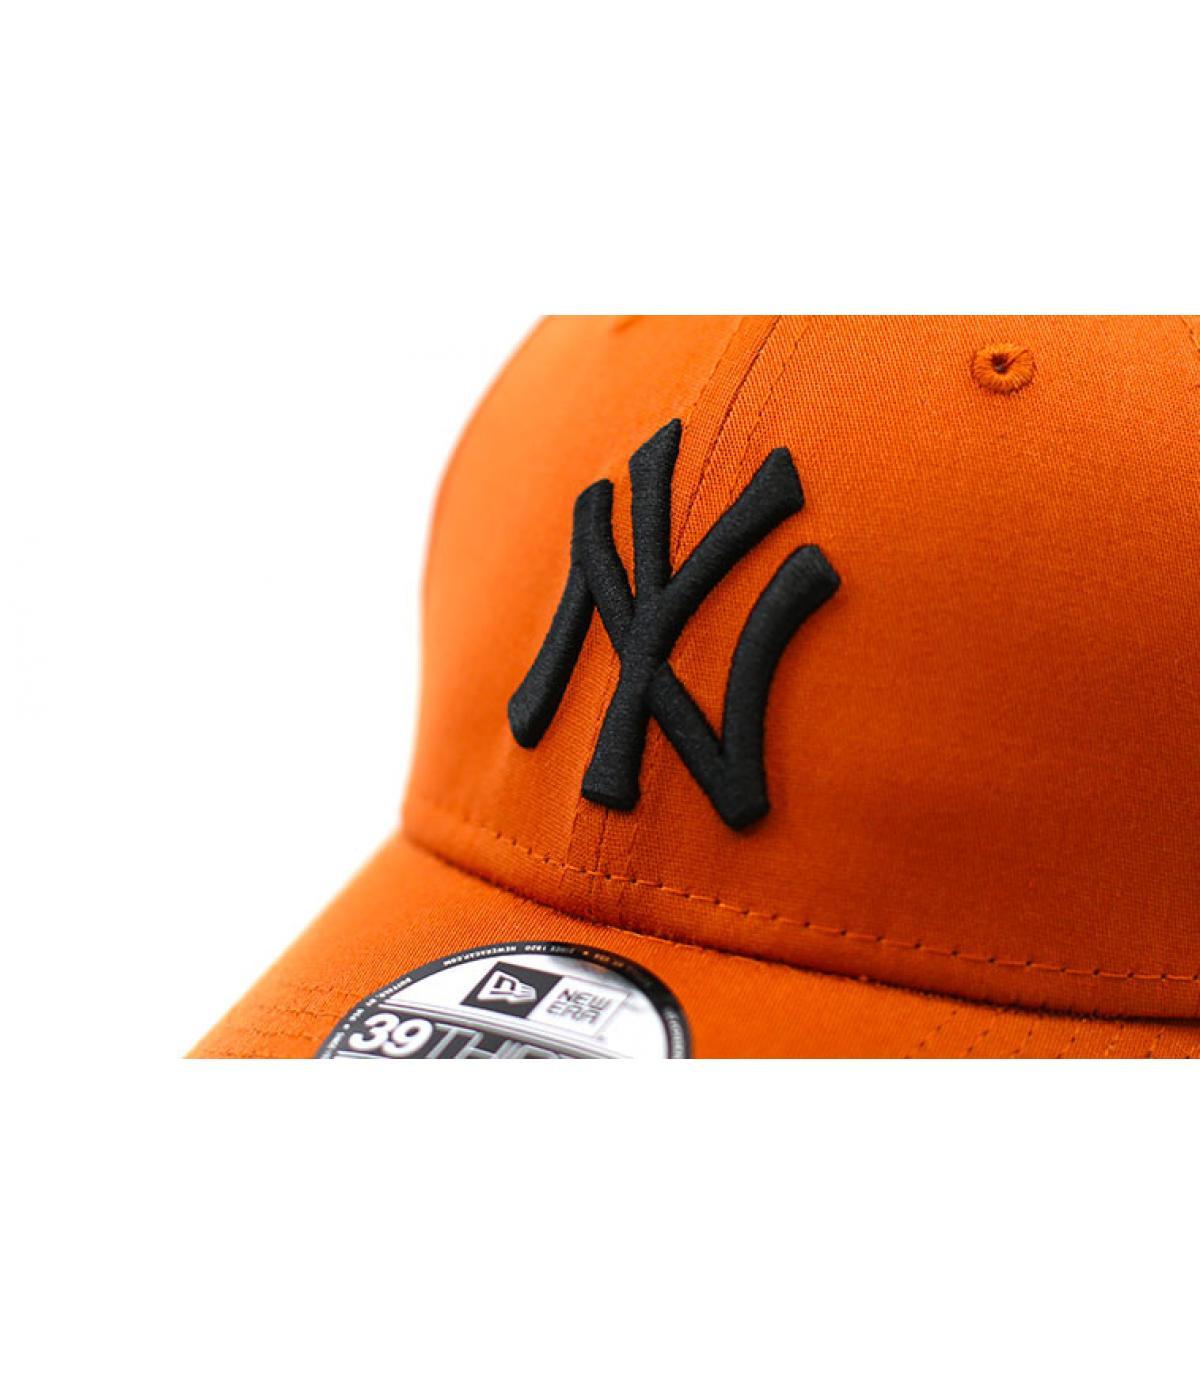 Details Cap League Ess NY 3930 rust black - Abbildung 3